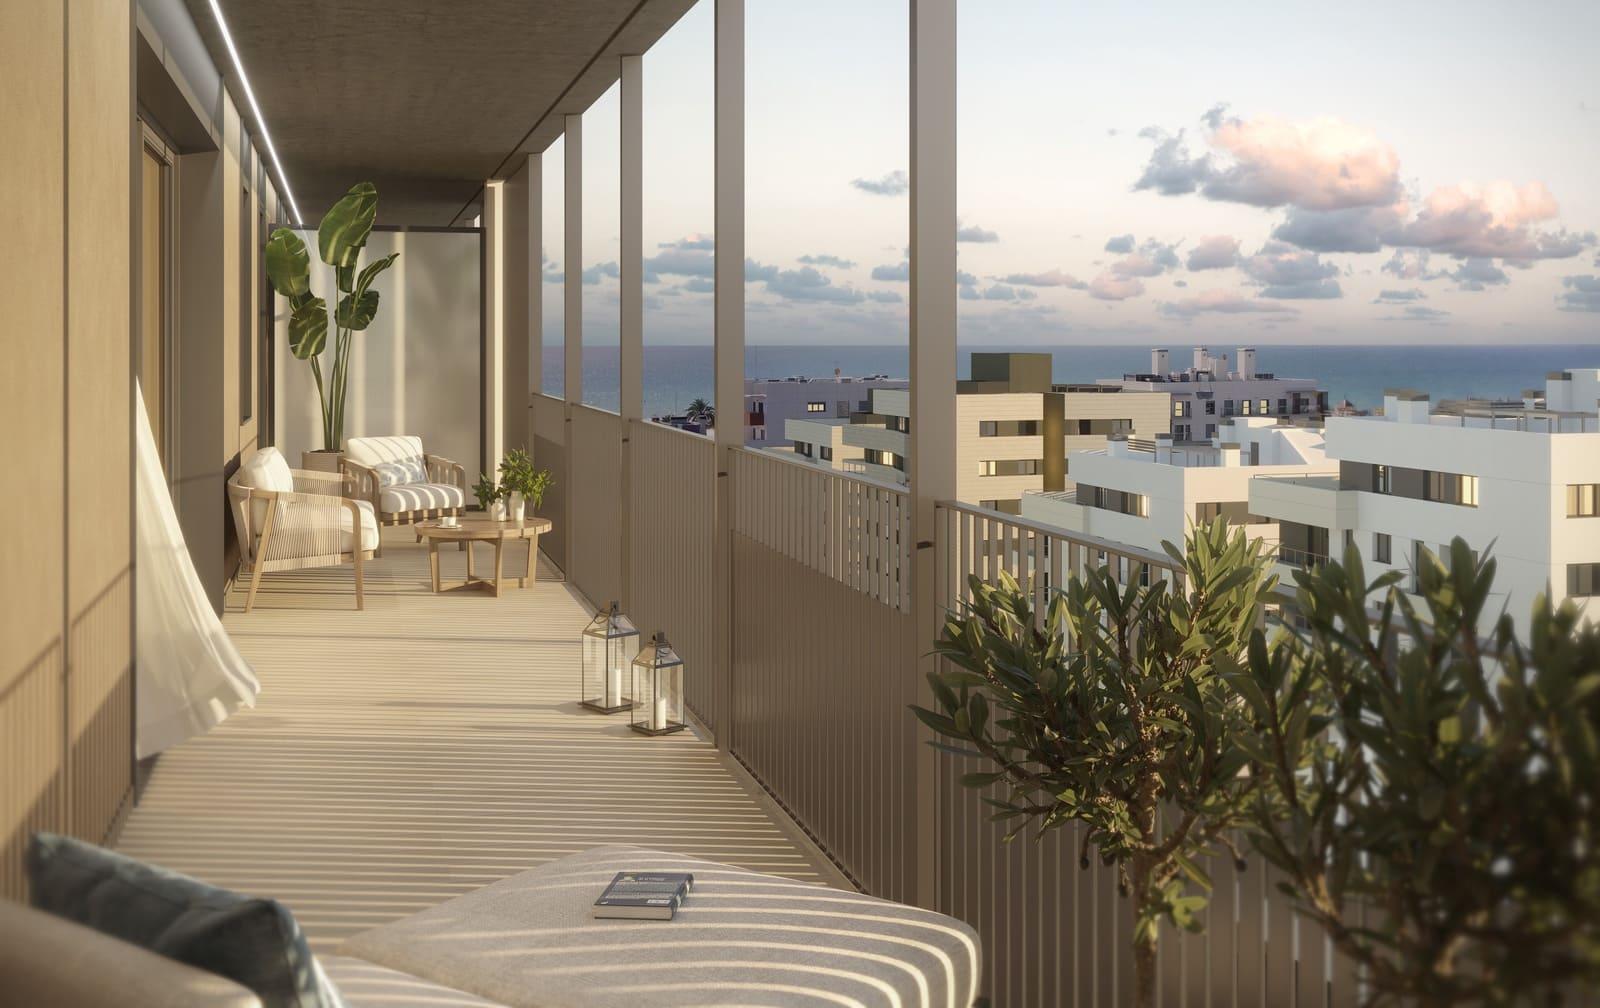 3 chambre Appartement à vendre à Vilanova i la Geltru avec piscine - 322 000 € (Ref: 5931518)